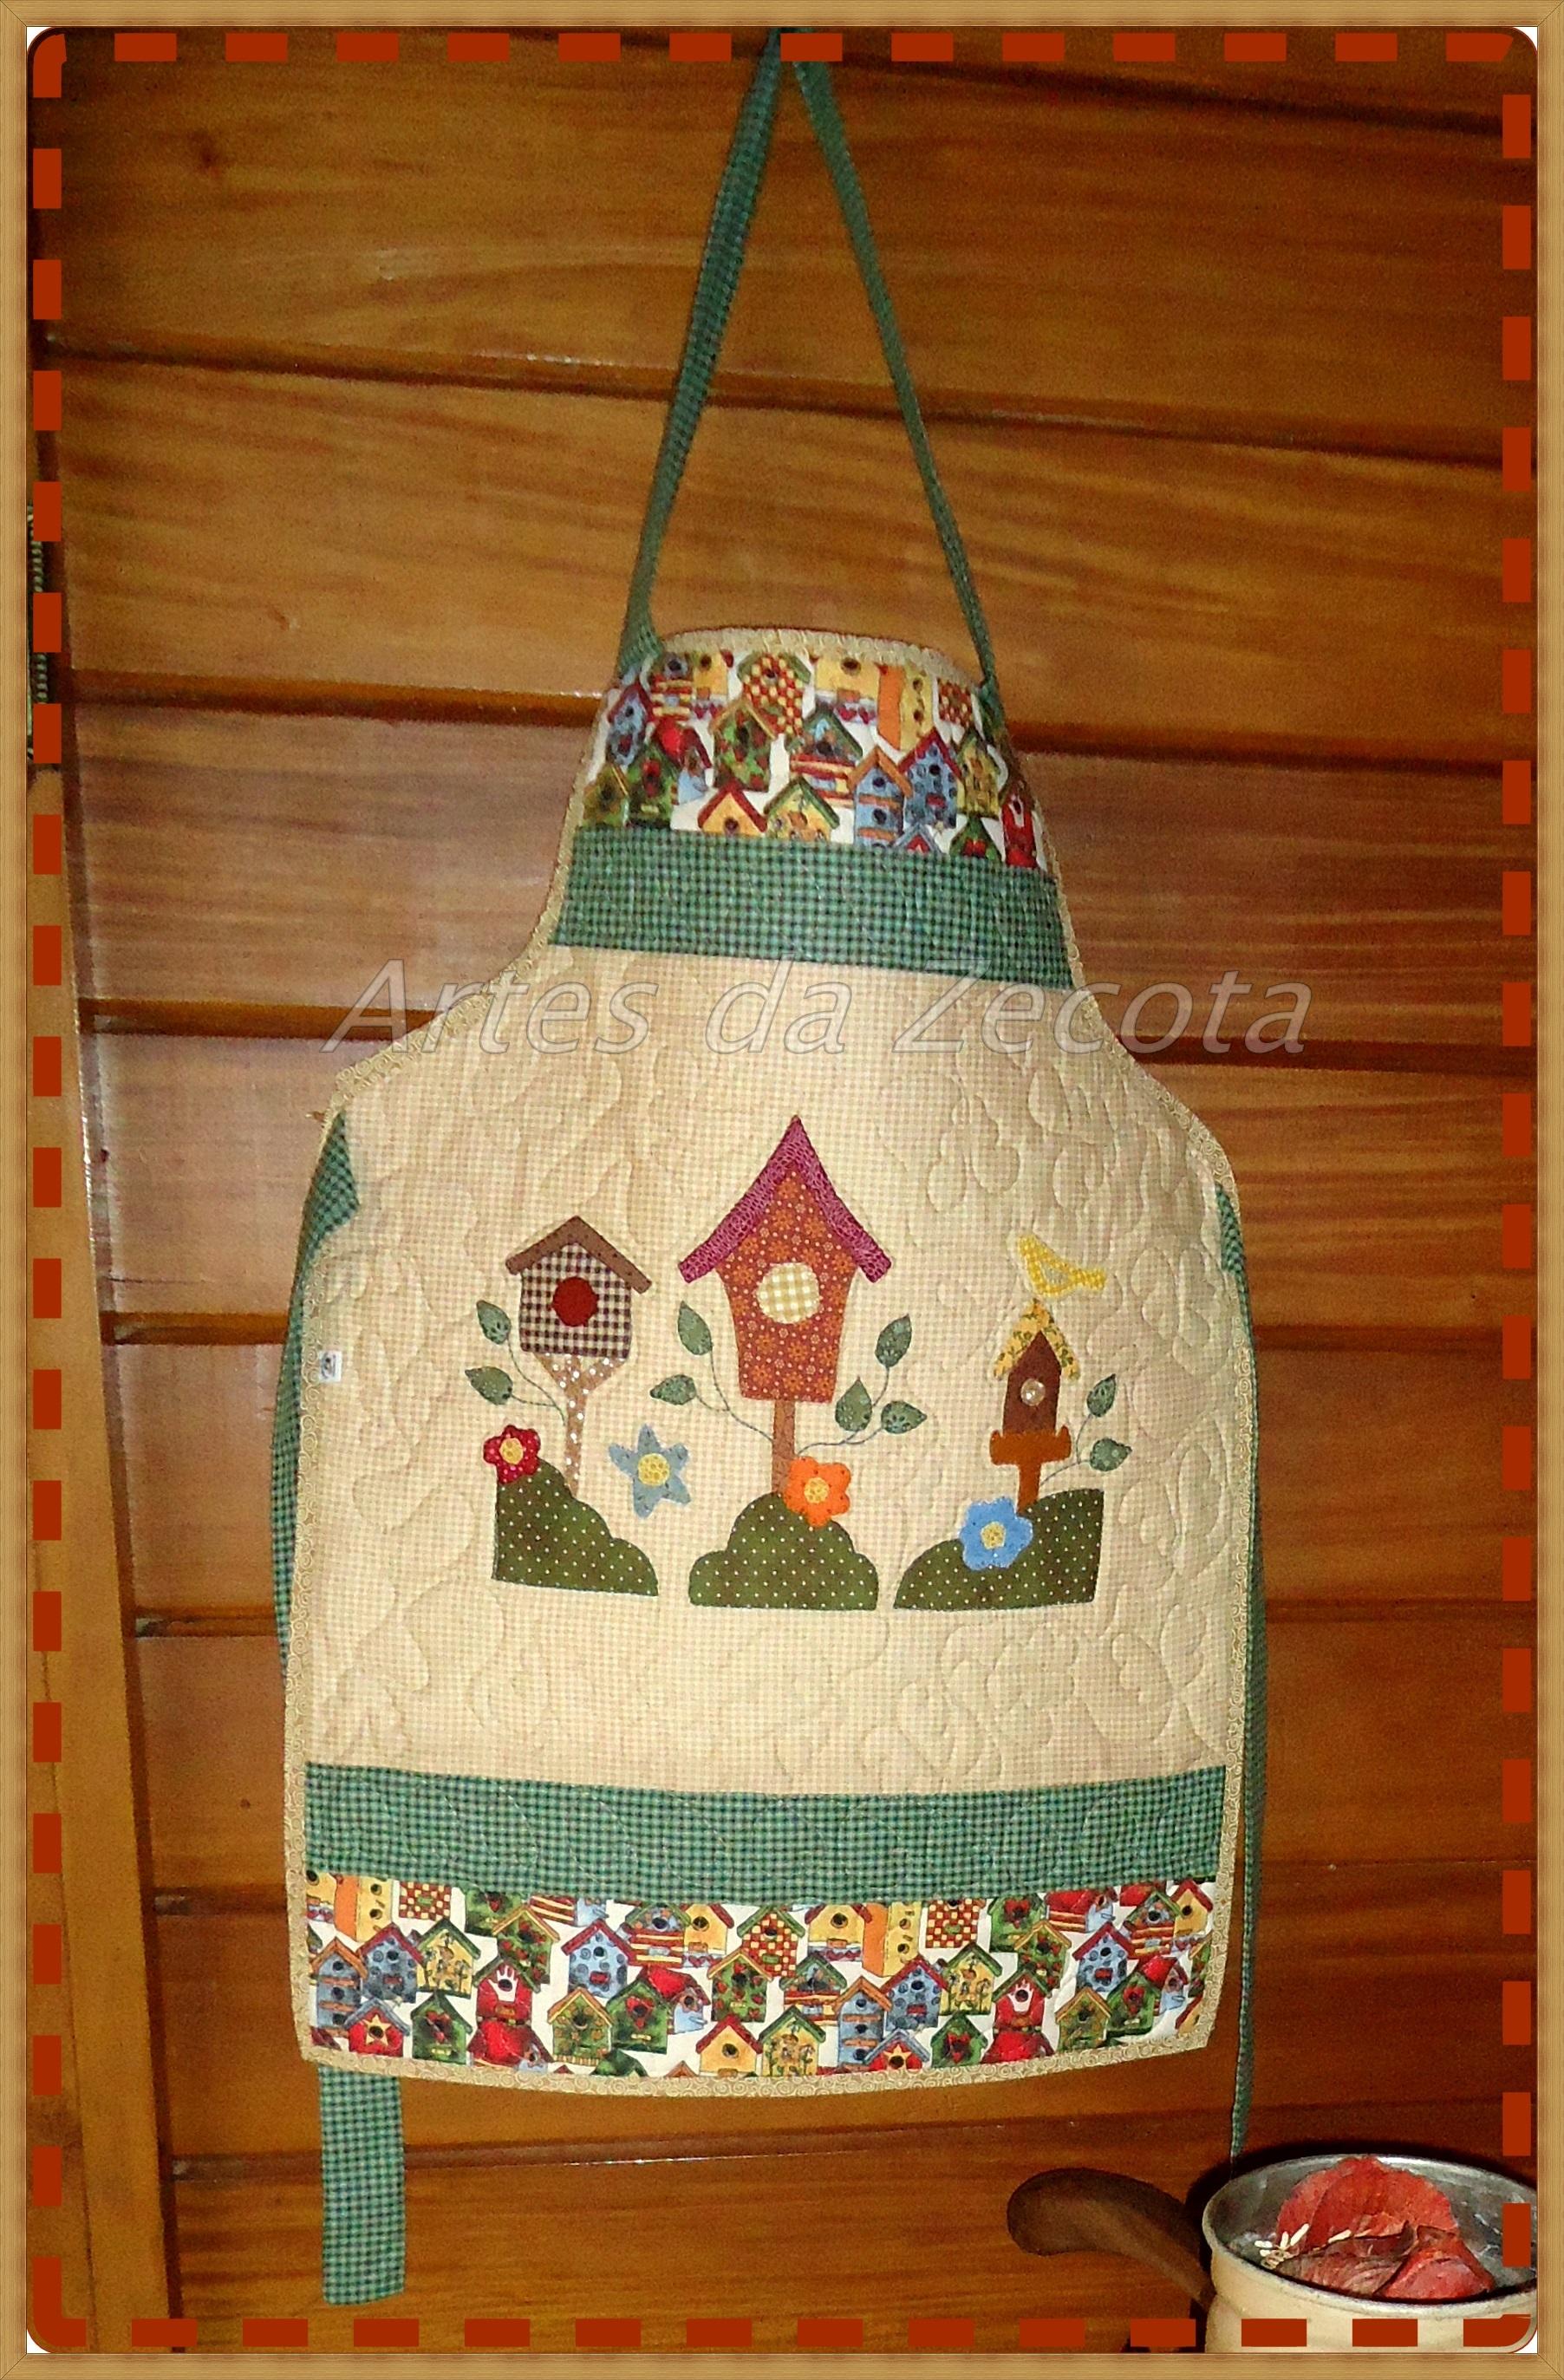 Avental patchwork casa de passarinhos artes da zecota elo7 - Patchwork en casa ...